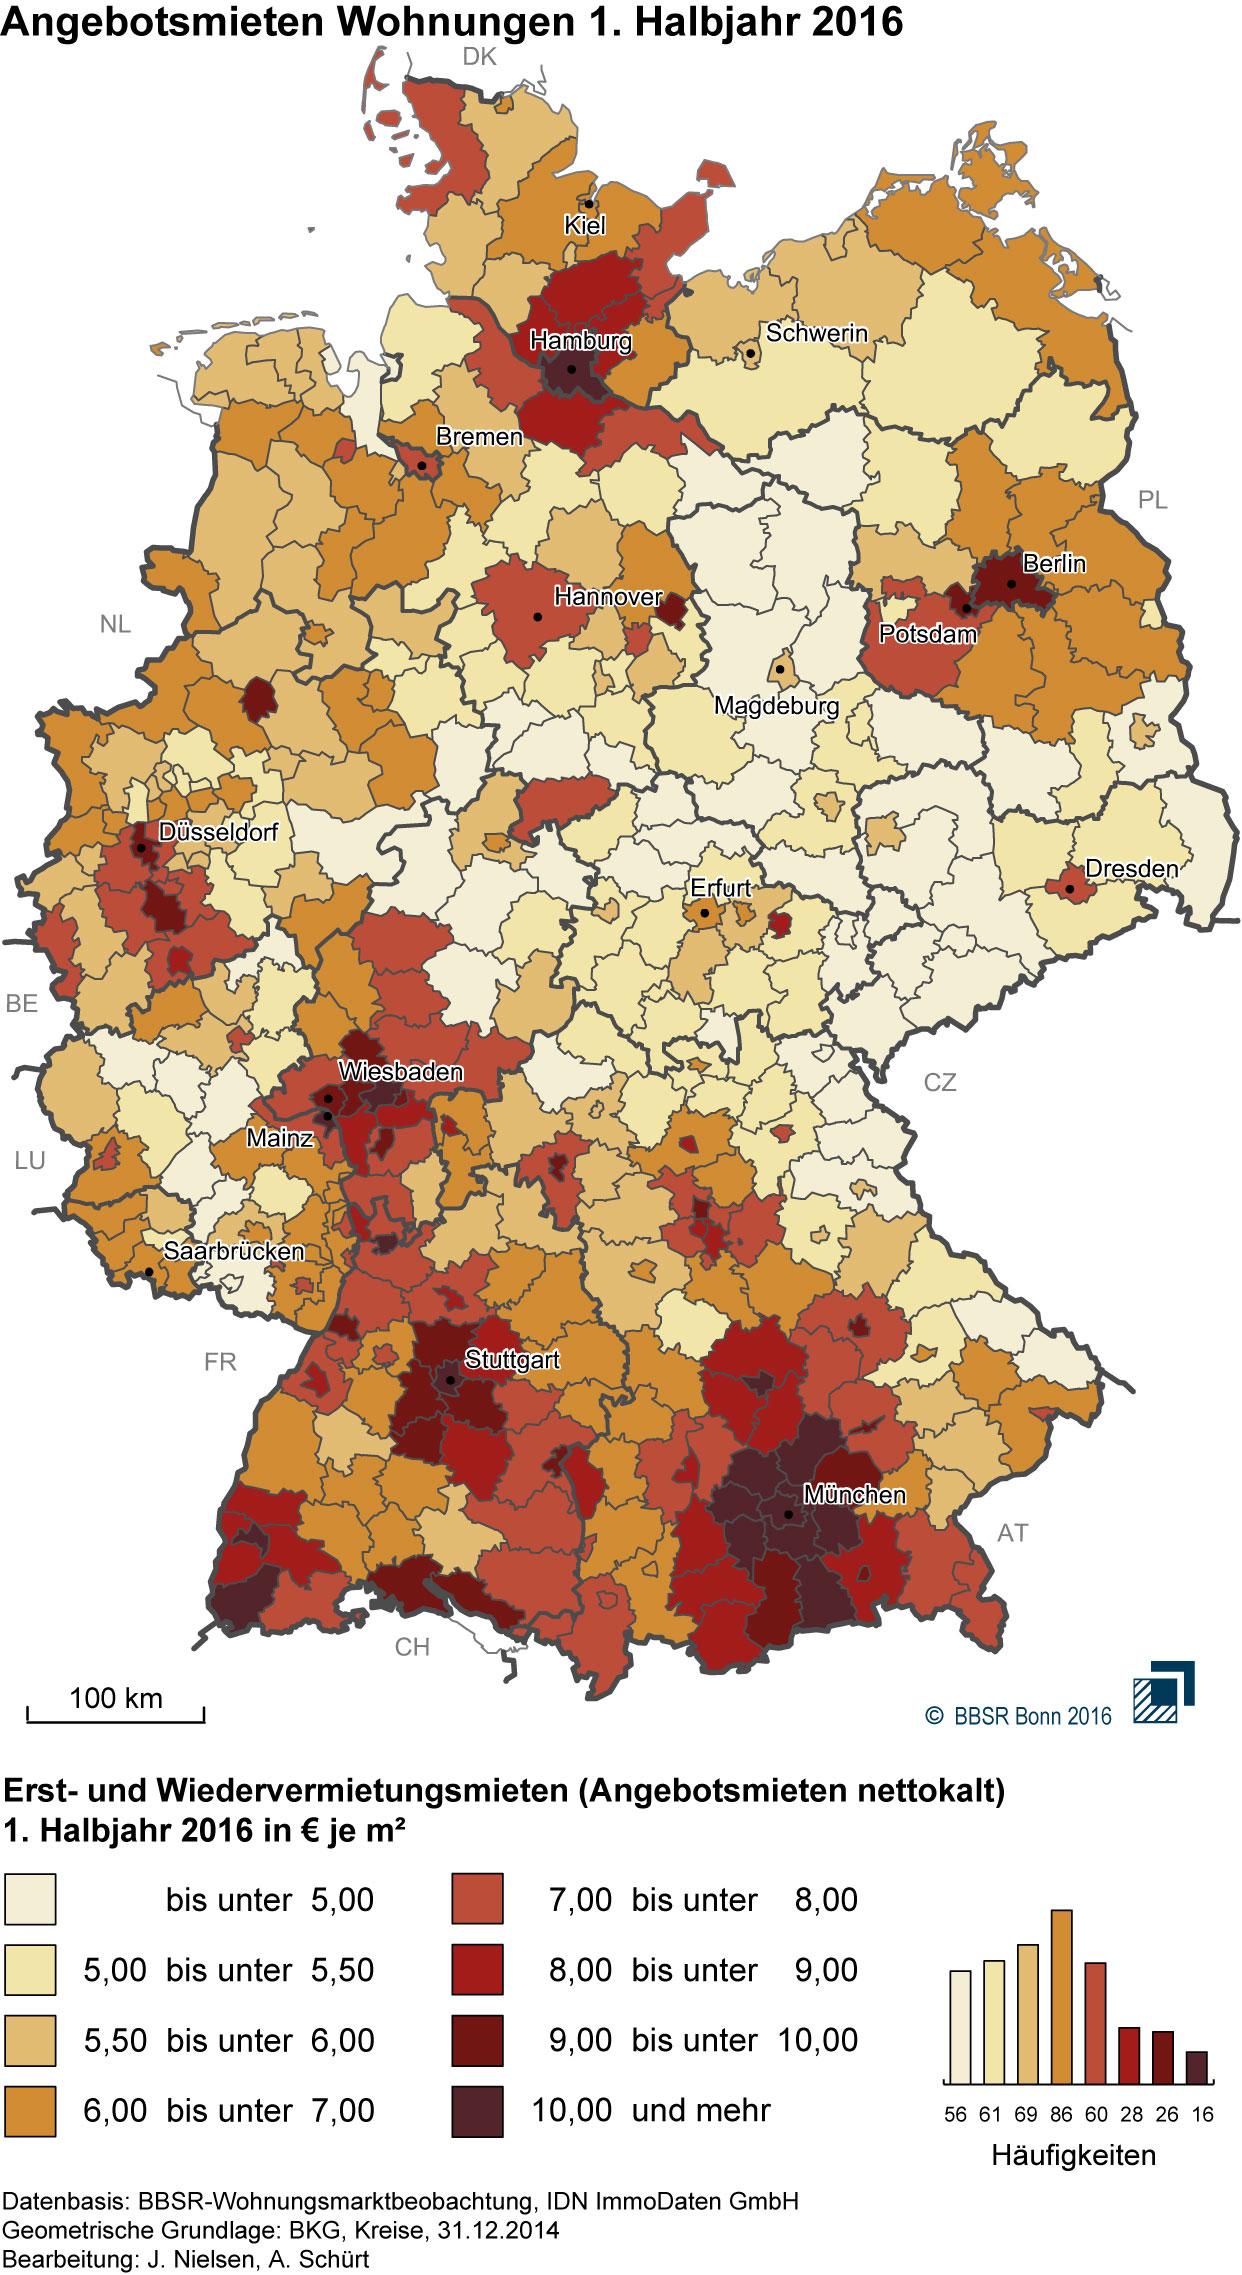 Karte Deutschlands, in der Regionen je nach Quadratmeterpreise ansteigend von weiß bis dunkelrot eingefärbt sind